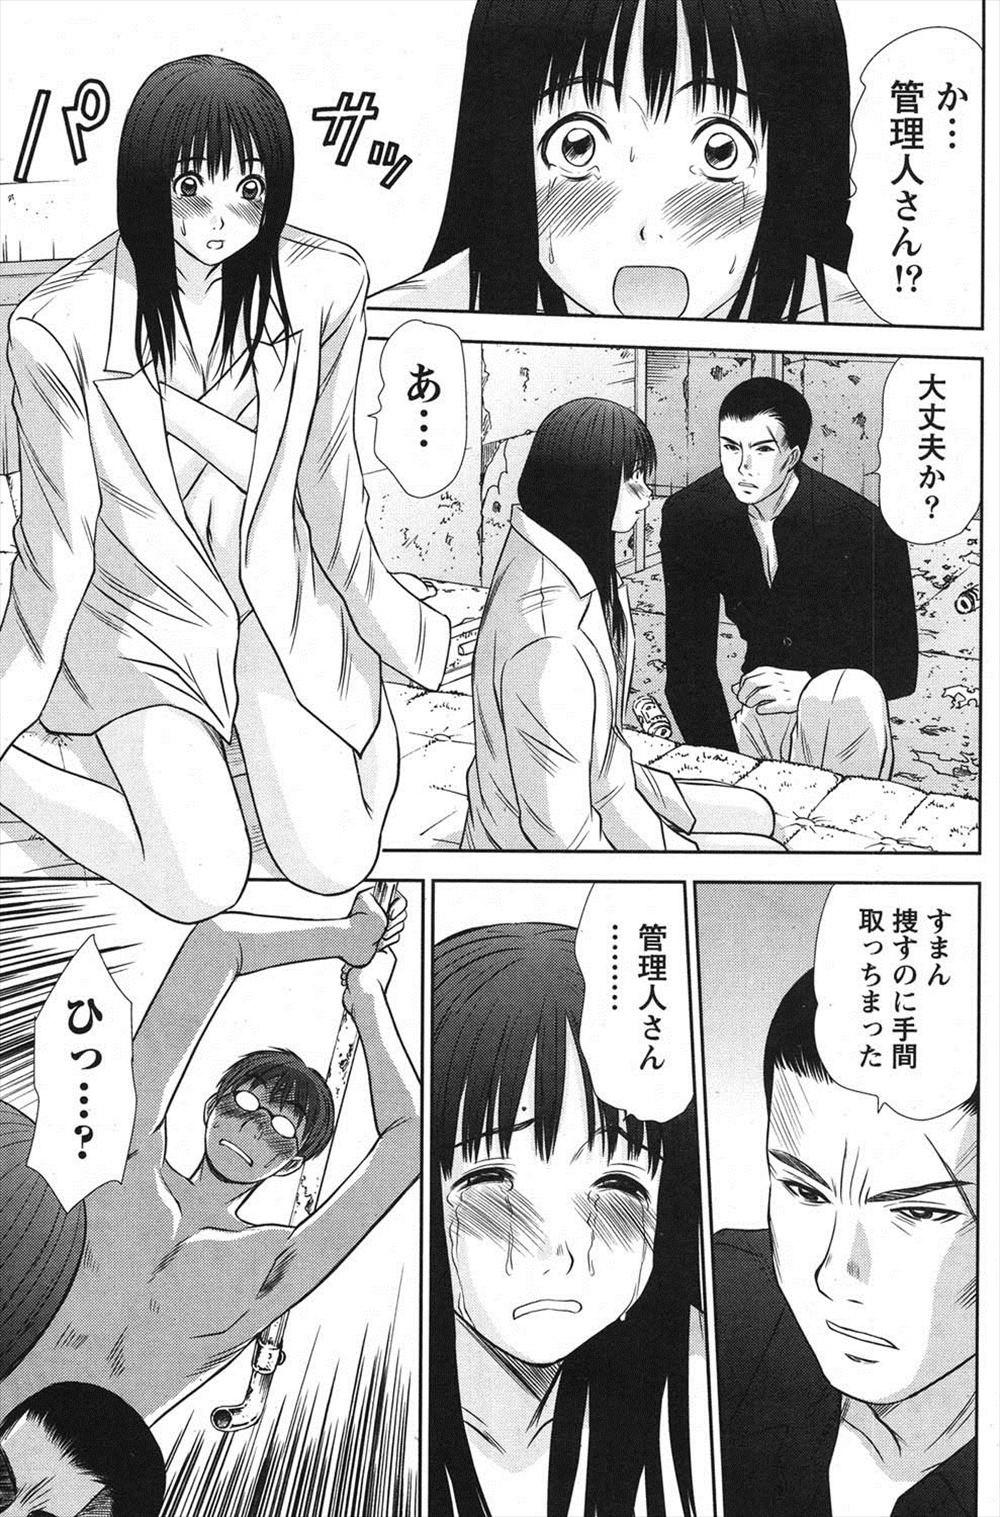 【エロ漫画同人誌】マネージャーに犯されかけた美少女アイドルがヤクザの男に助けられて抱いてもらう展開に♡ 003